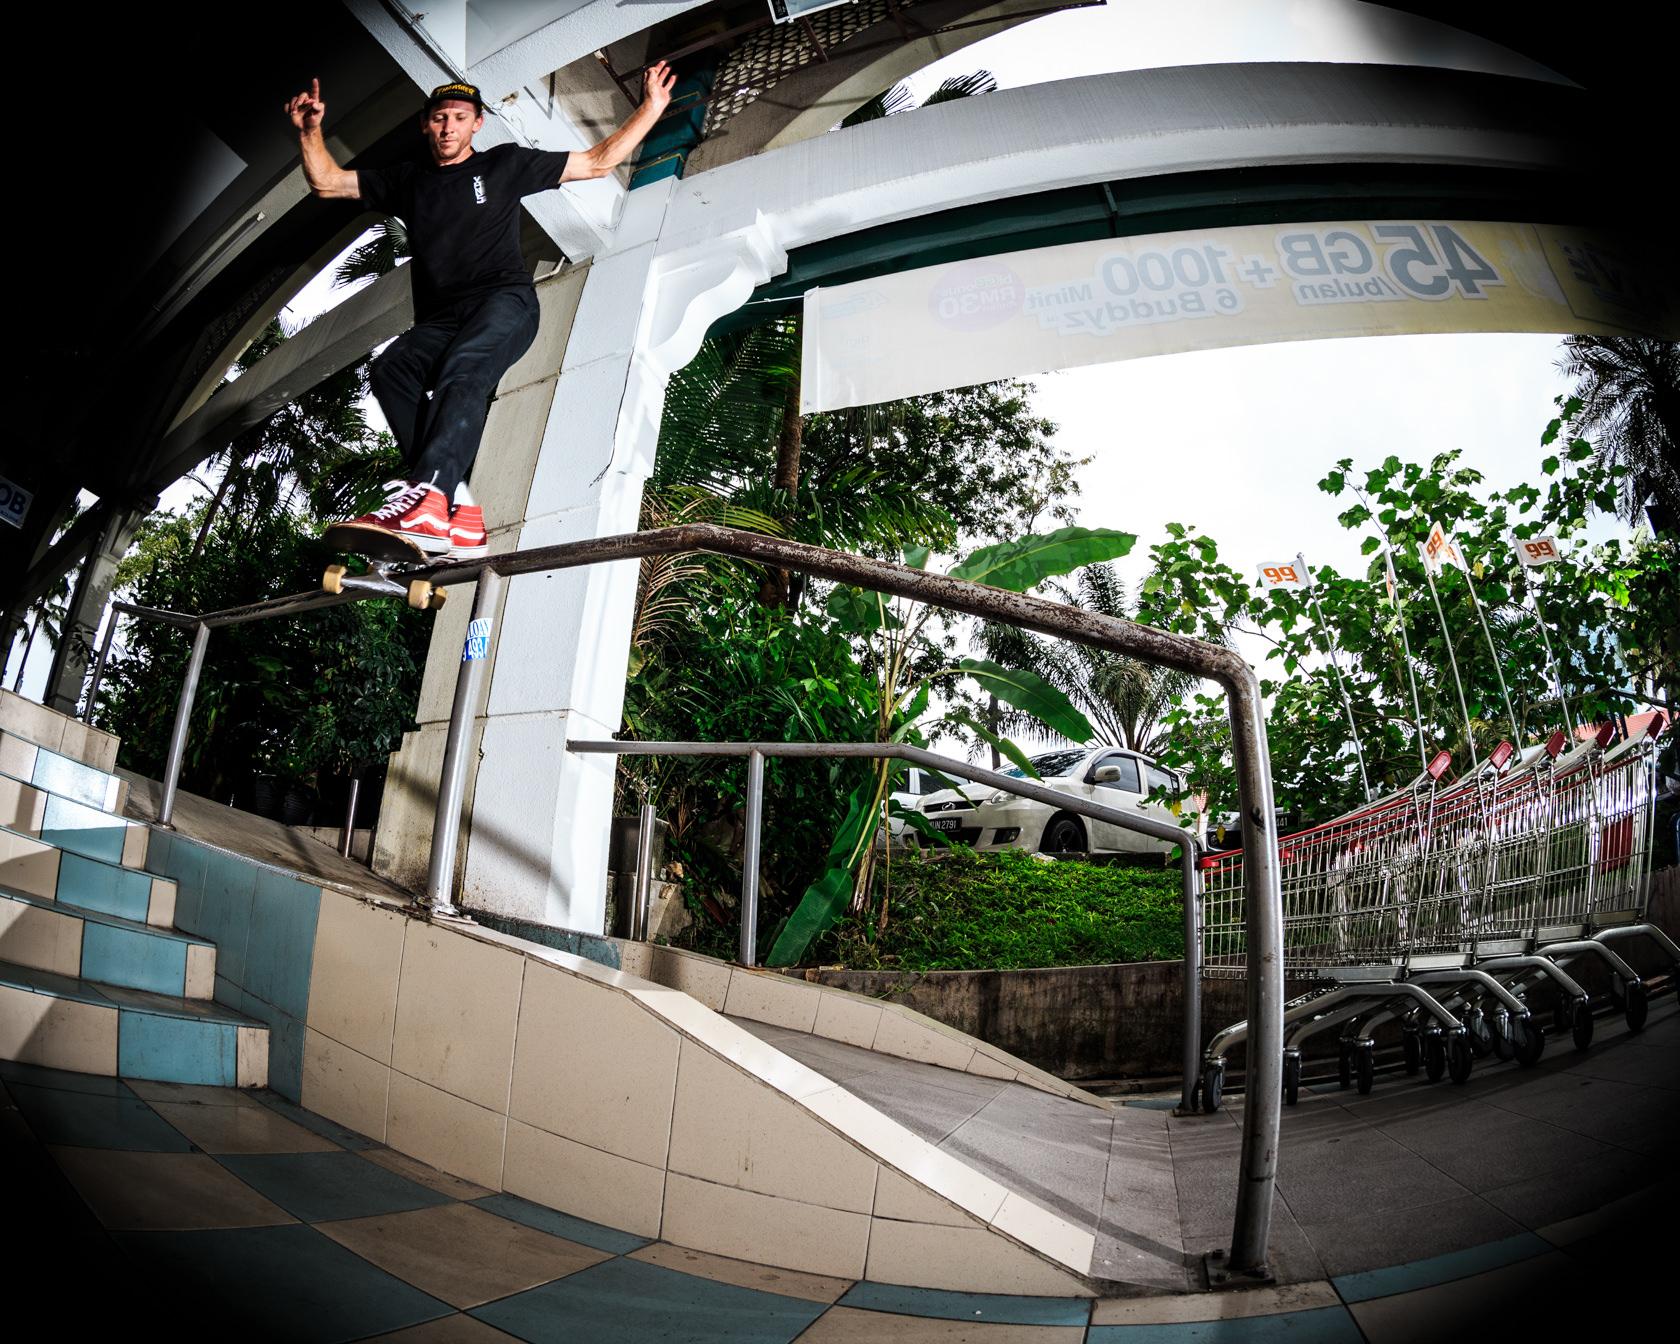 VANS_新加坡&马来西亚TOUR155171126-2.jpg